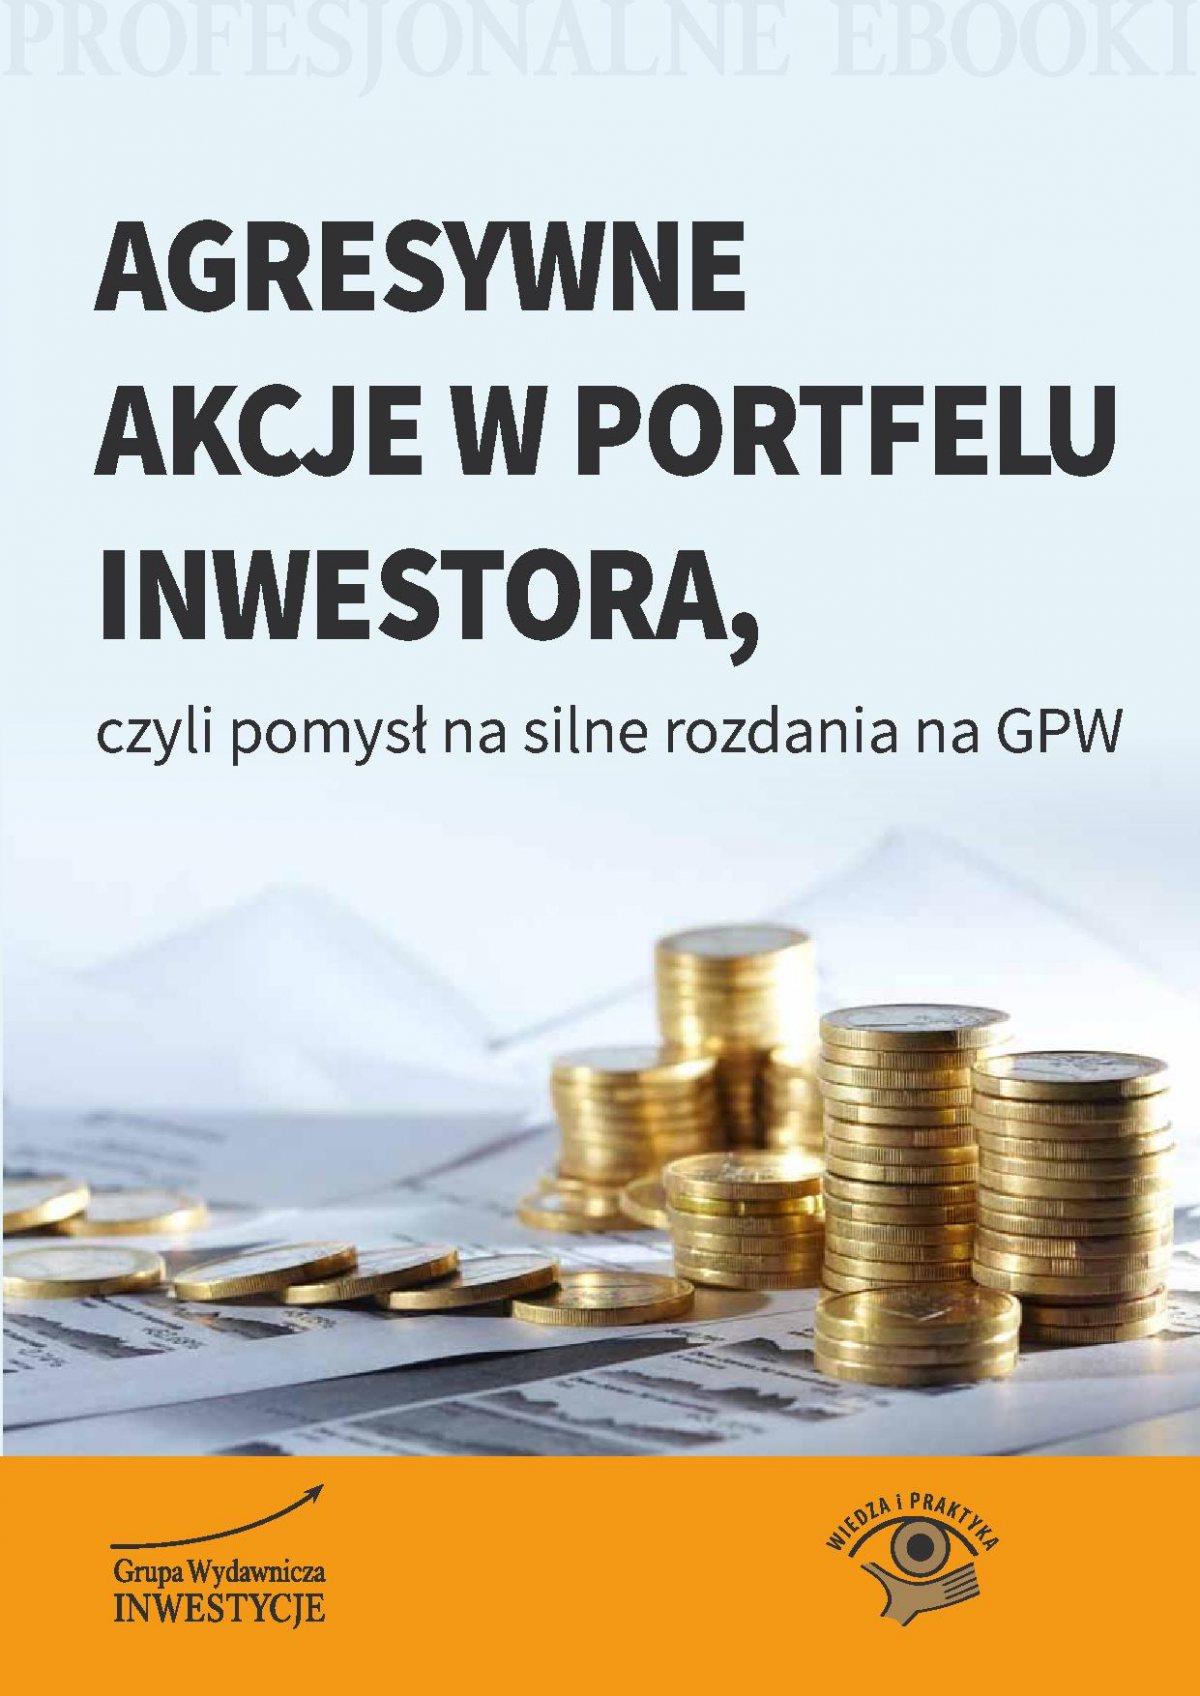 Agresywne akcje w portfelu inwestora, czyli pomysł na silne rozdania na GPW - Ebook (Książka PDF) do pobrania w formacie PDF